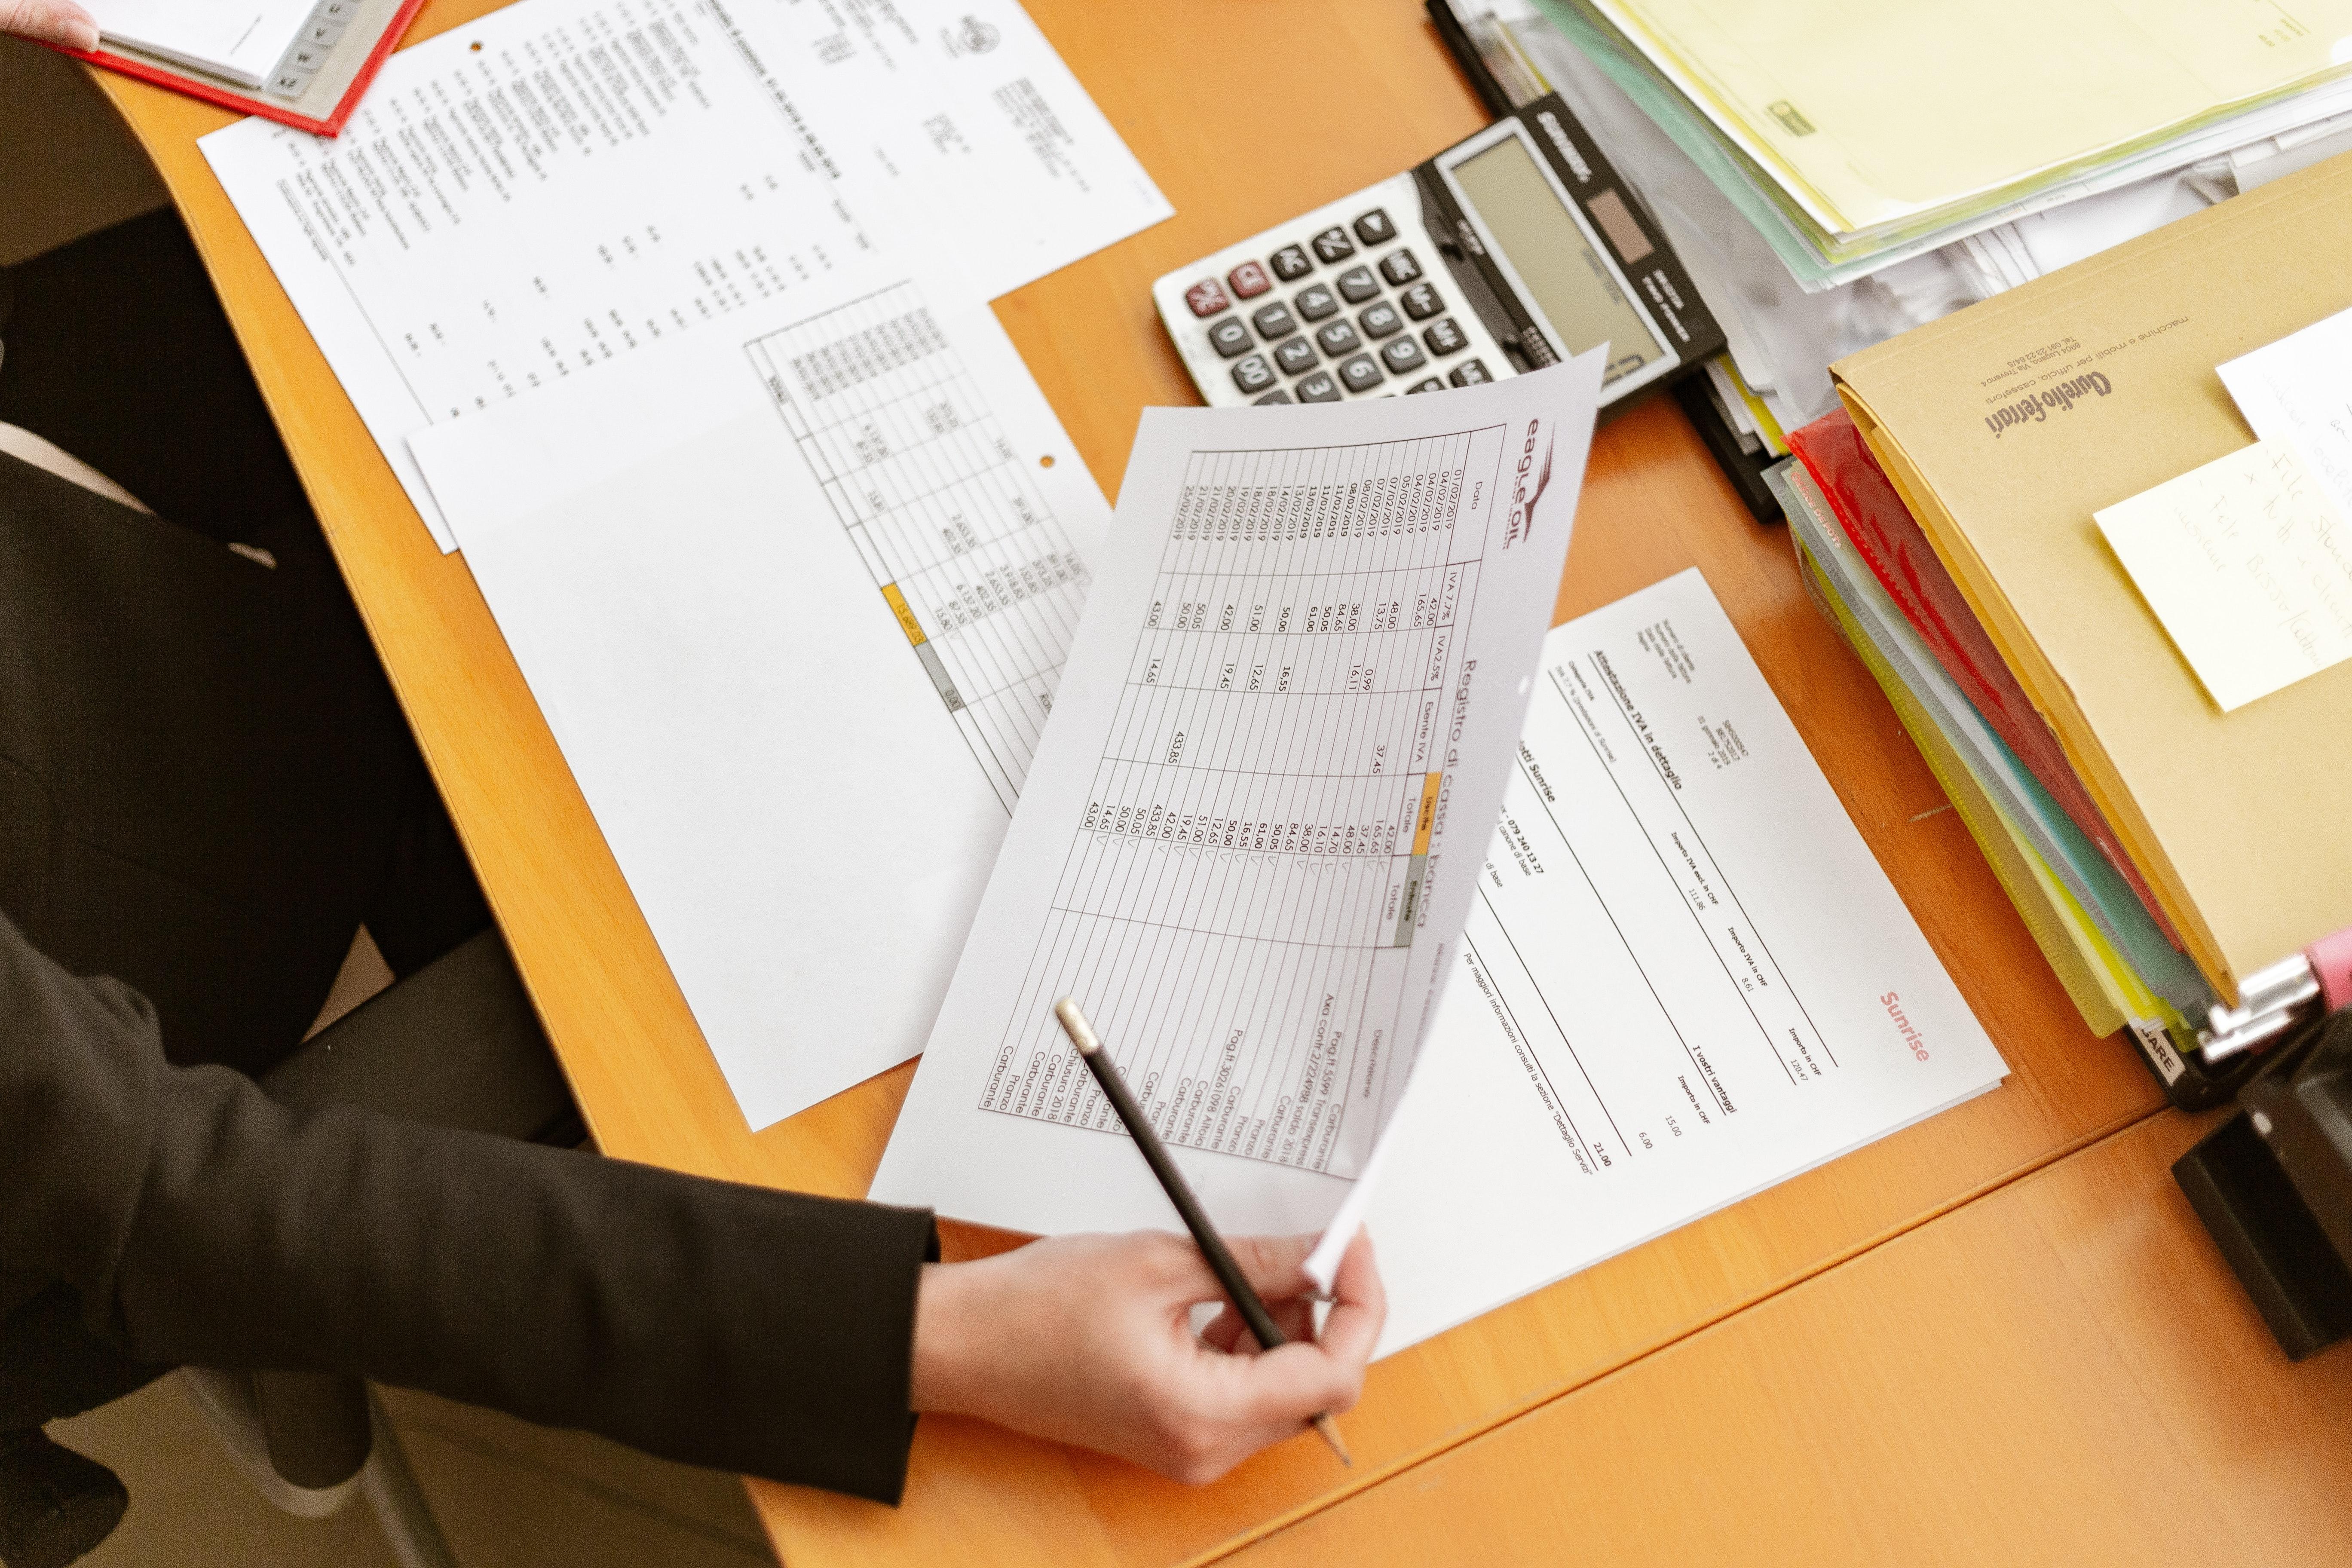 Augmentation de salaire obligatoire : arrêtés d'extension pubiés le 08/04/2020